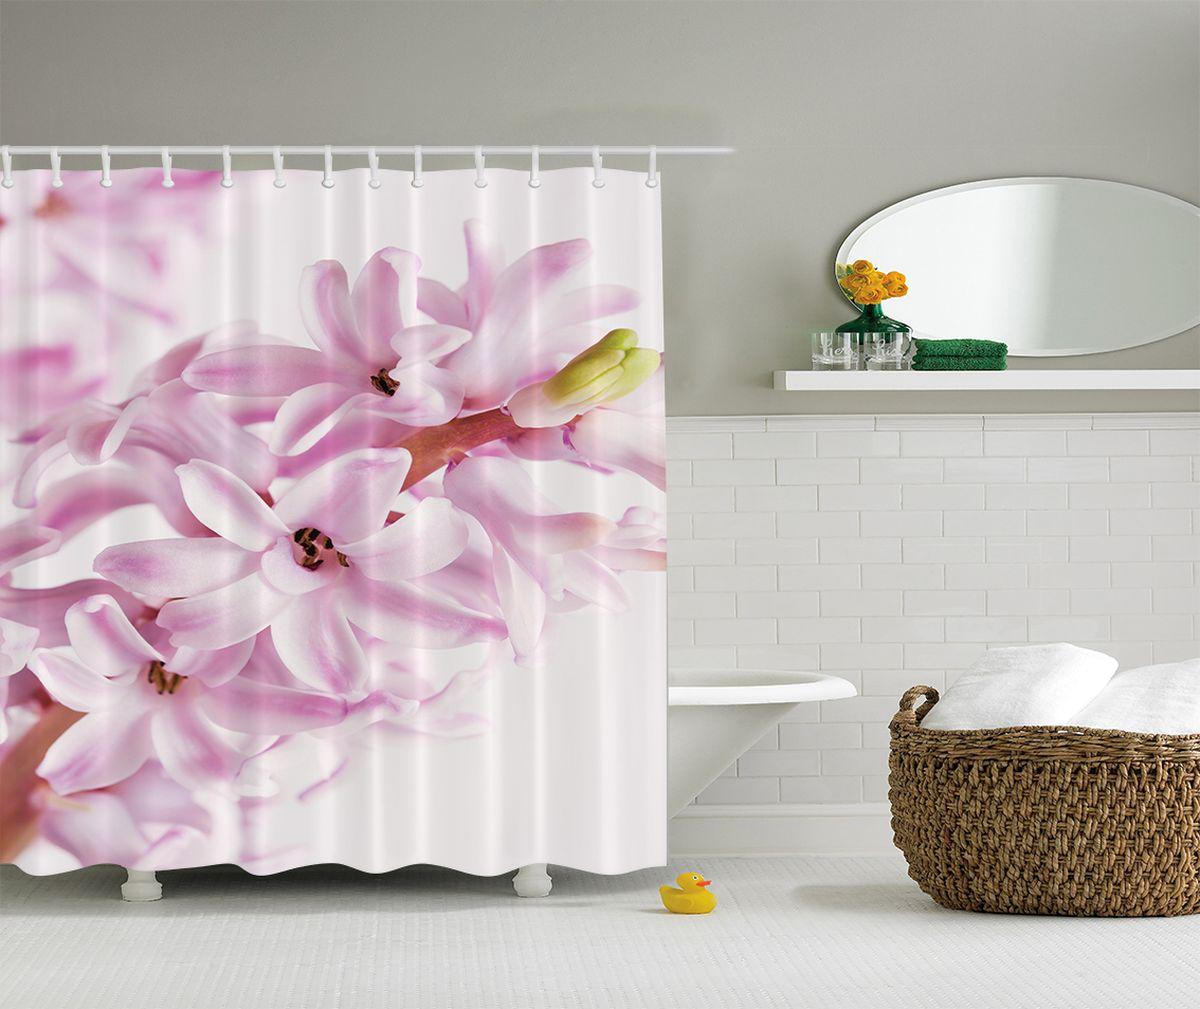 """Штора Magic Lady """"Гиацинт"""", изготовленная из высококачественного сатена (полиэстер 100%), отлично дополнит любой интерьер ванной комнаты. При изготовлении используются специальные гипоаллергенные чернила для прямой печати по ткани, безопасные для человека.     В комплекте: 1 штора, 12 крючков.    Обращаем ваше внимание, фактический цвет изделия может незначительно отличаться от представленного на фото."""